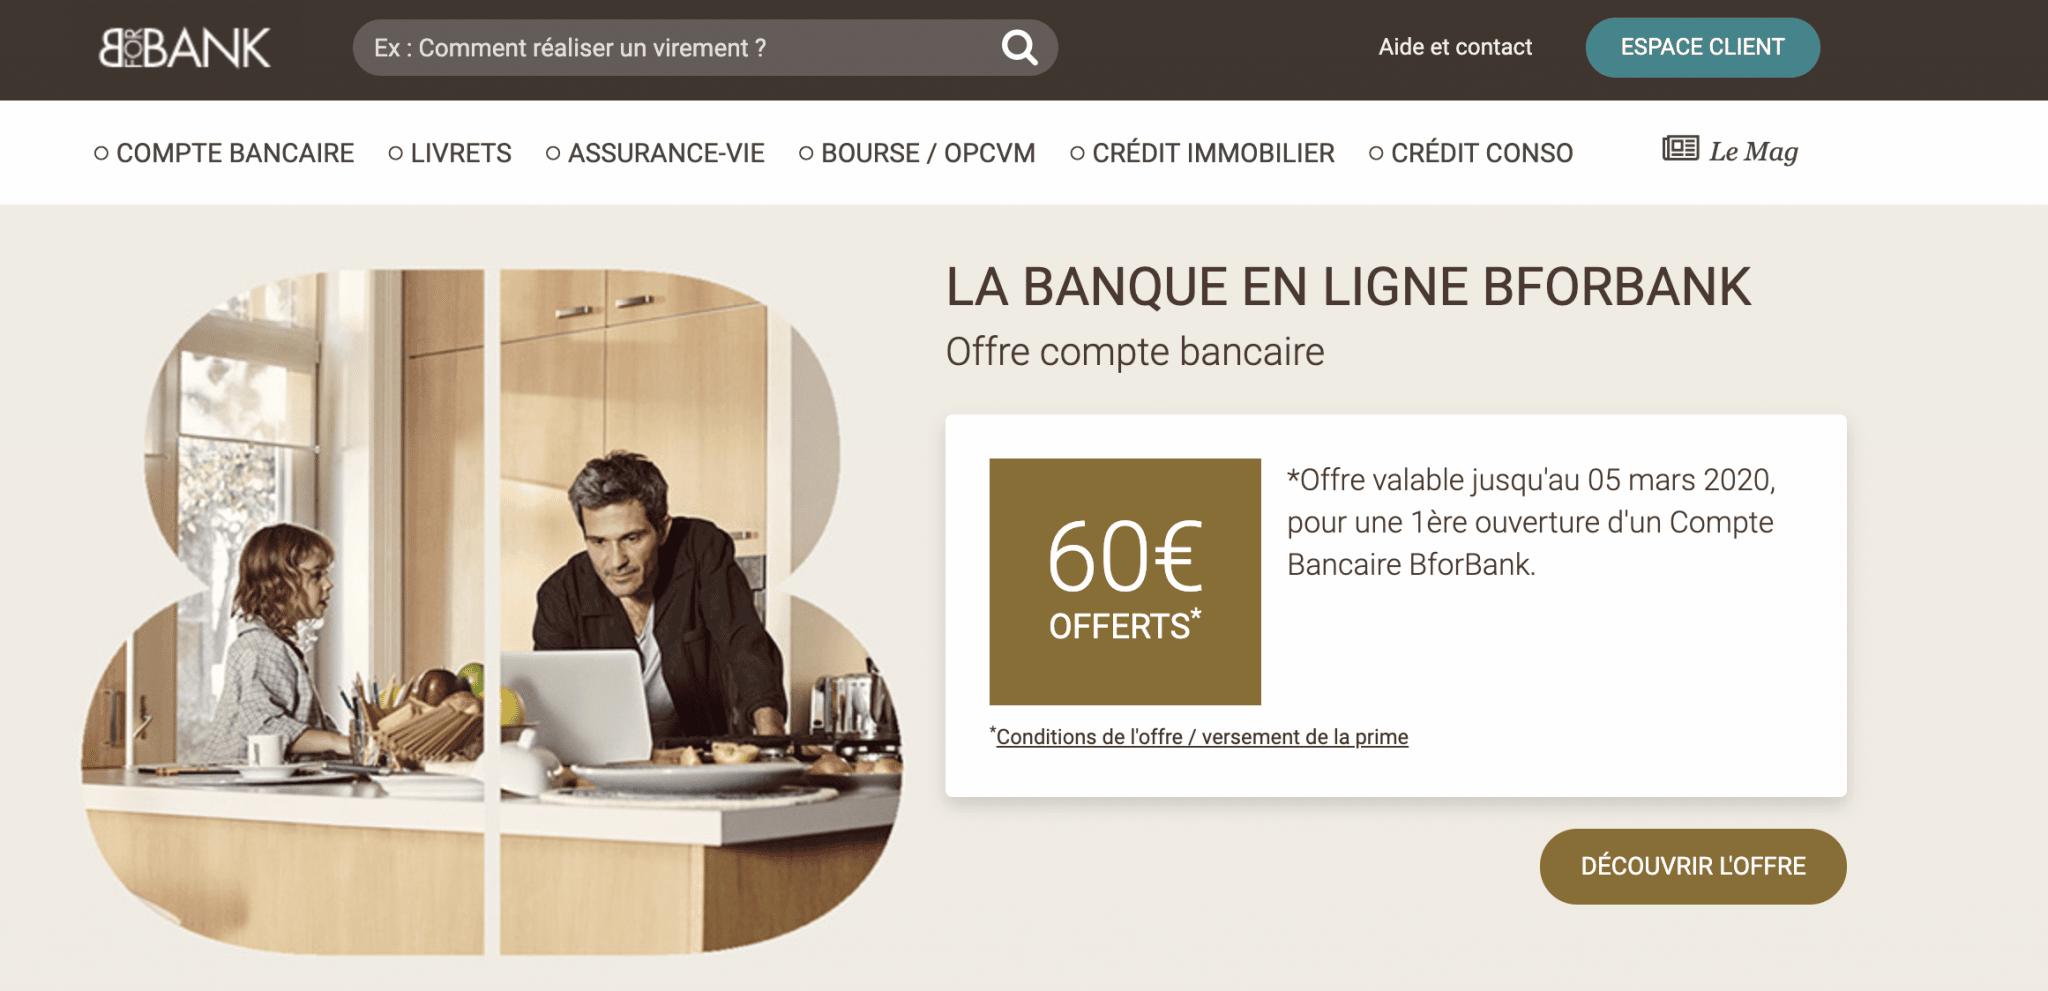 La banque en ligne BforBank